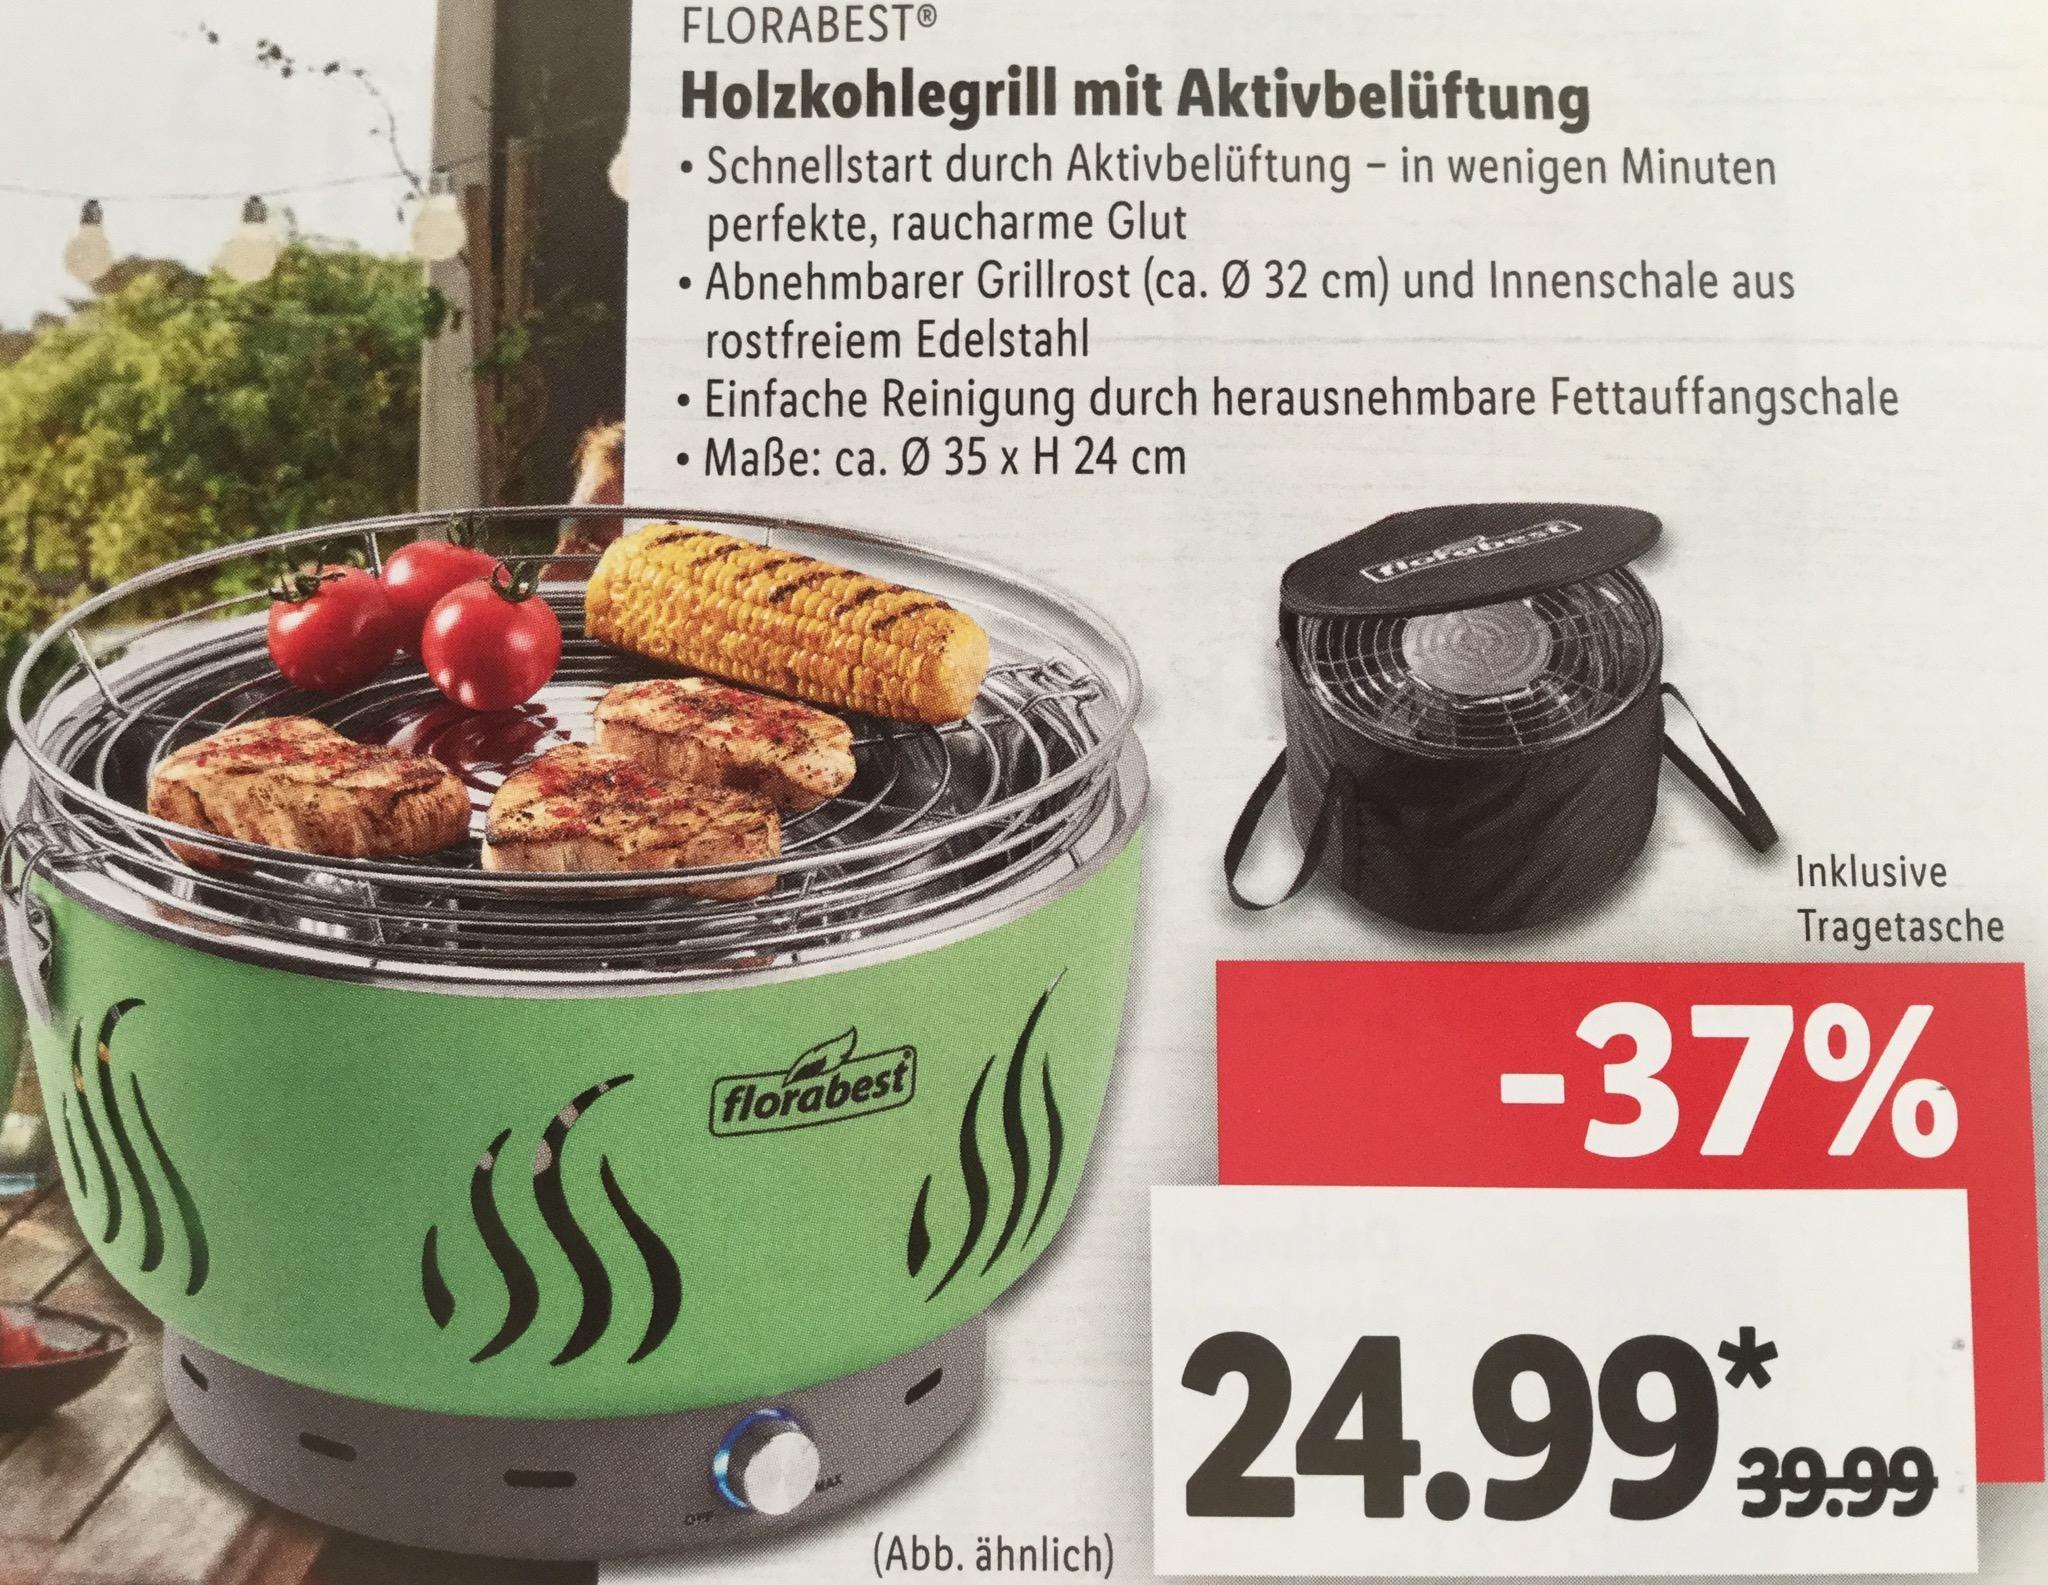 [LIDL - Lokal 91074 Herzogenaurach] - FLORABEST® Holzkohlegrill mit Aktivbelüftung (wie LotusGrill) für € 24,99 / Haribo effektiv € 0,44 für 200 Gramm Packung und andere Angebote